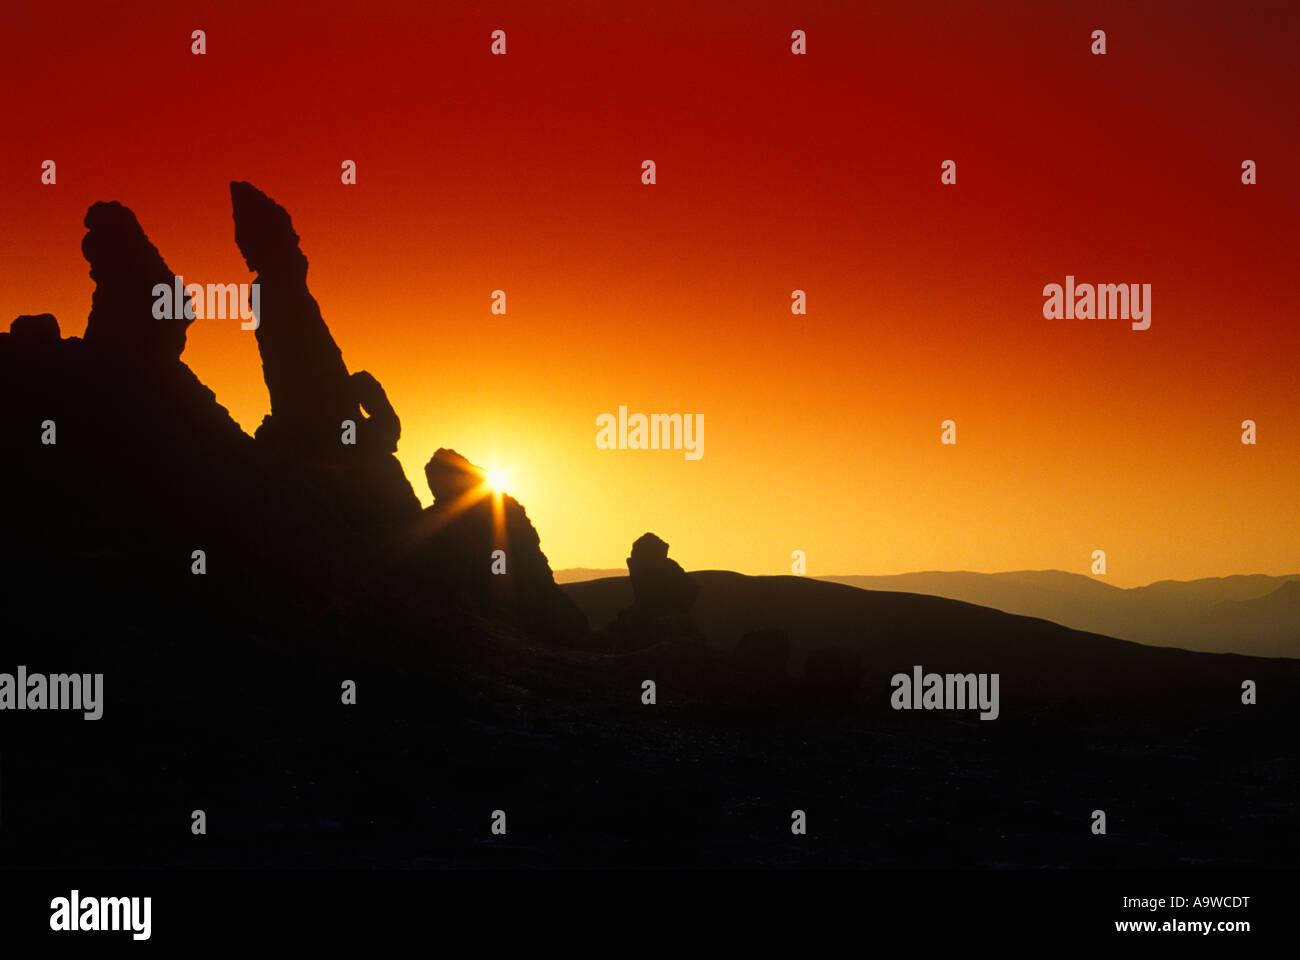 3 Marías formación rocosa VALLE DE LA LUNA DESIERTO DE ATACAMA SAN PEDRO DE ATACAMA, II Región de Imagen De Stock